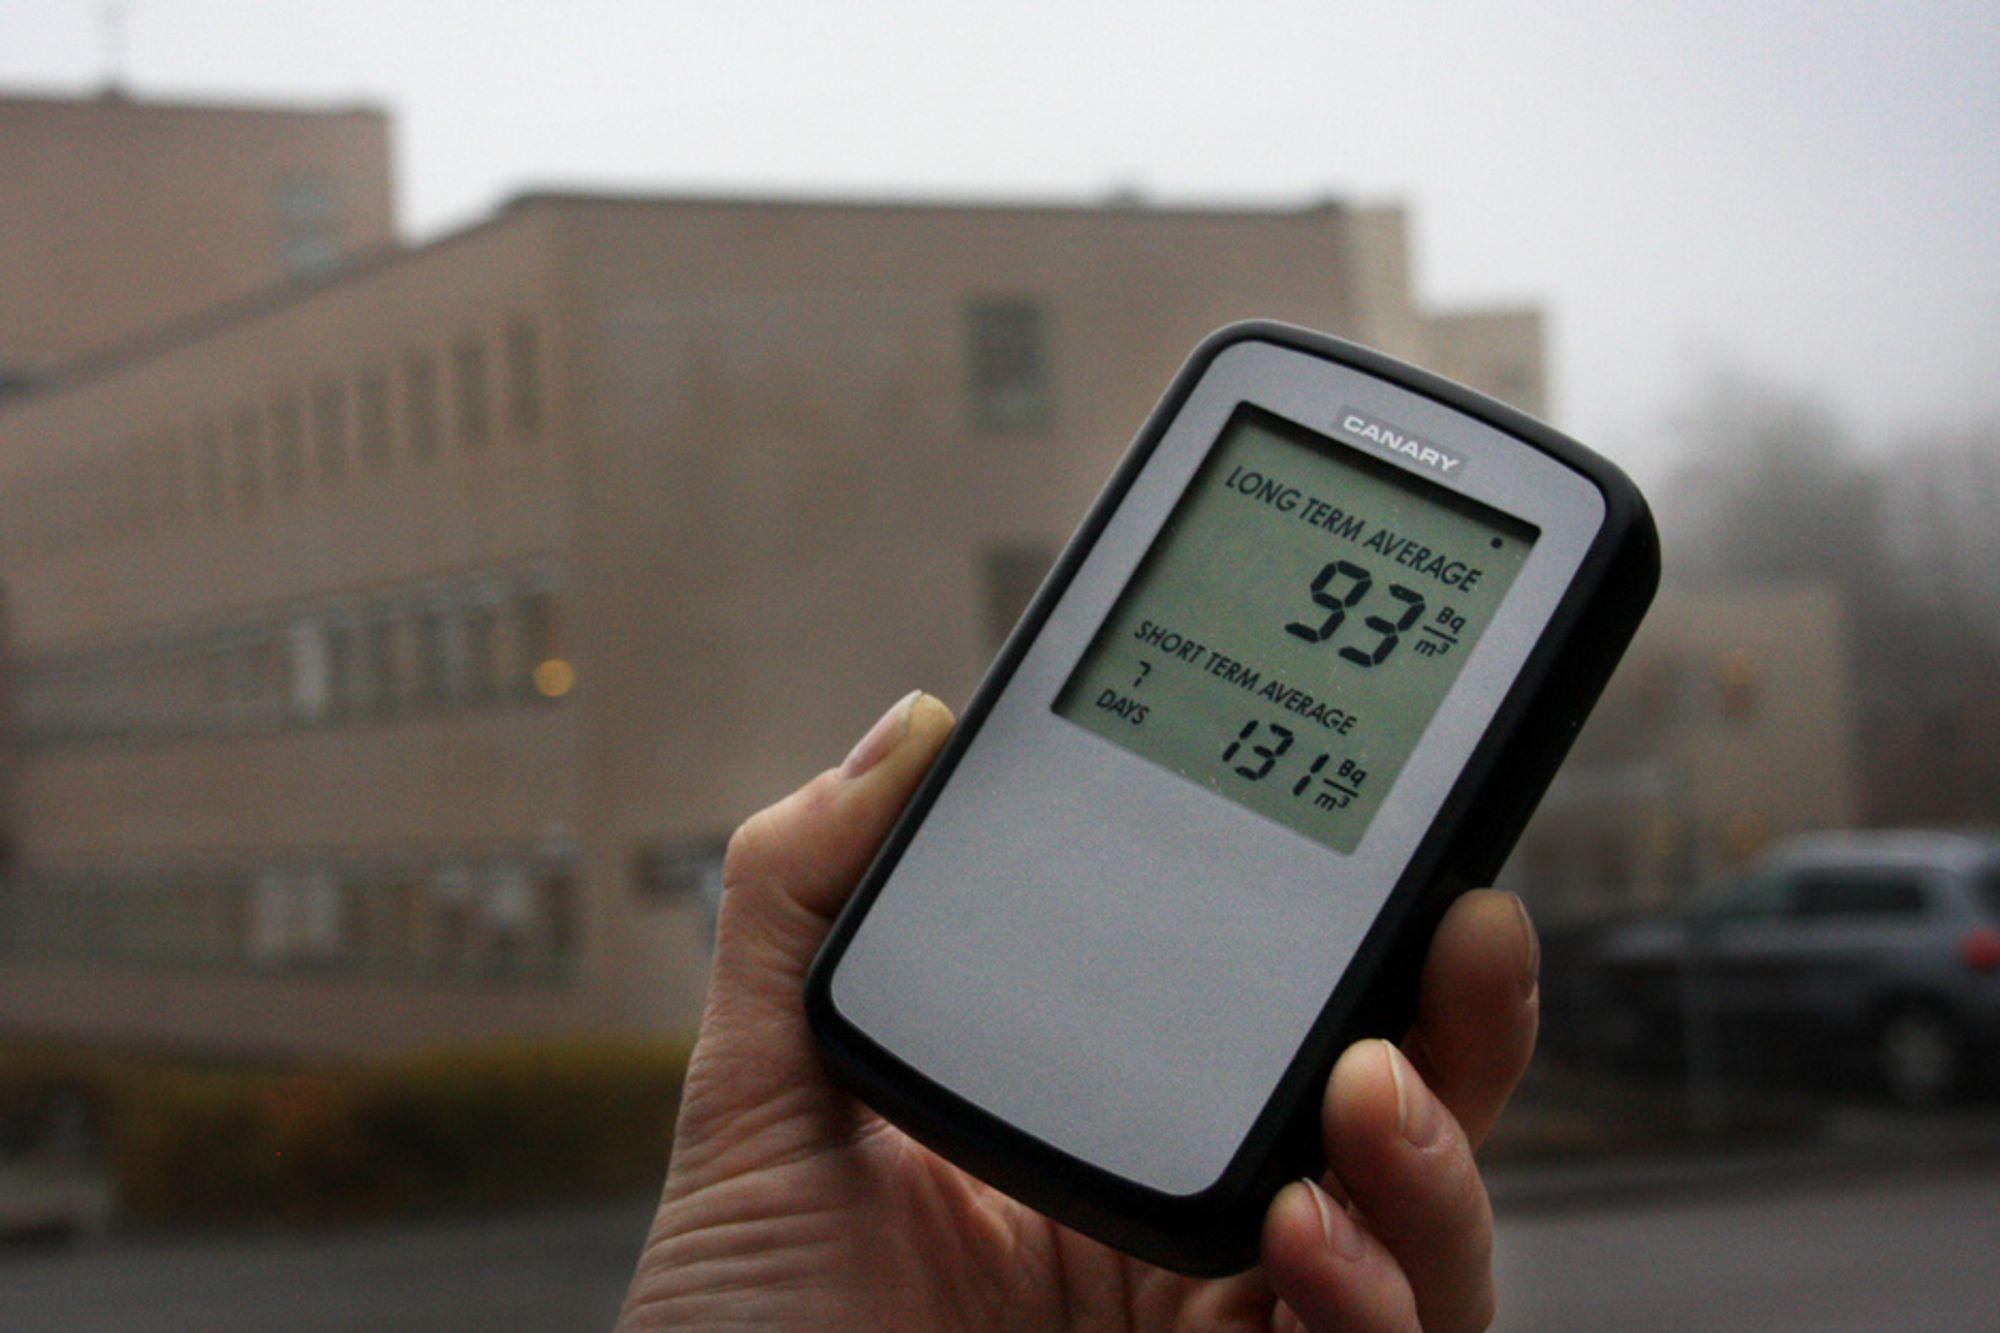 TIMING: Etter at Corentium startet på utviklingen av en digital radonmåler for forbrukermarkedet, kom det strengere regler som øker målebehovet.